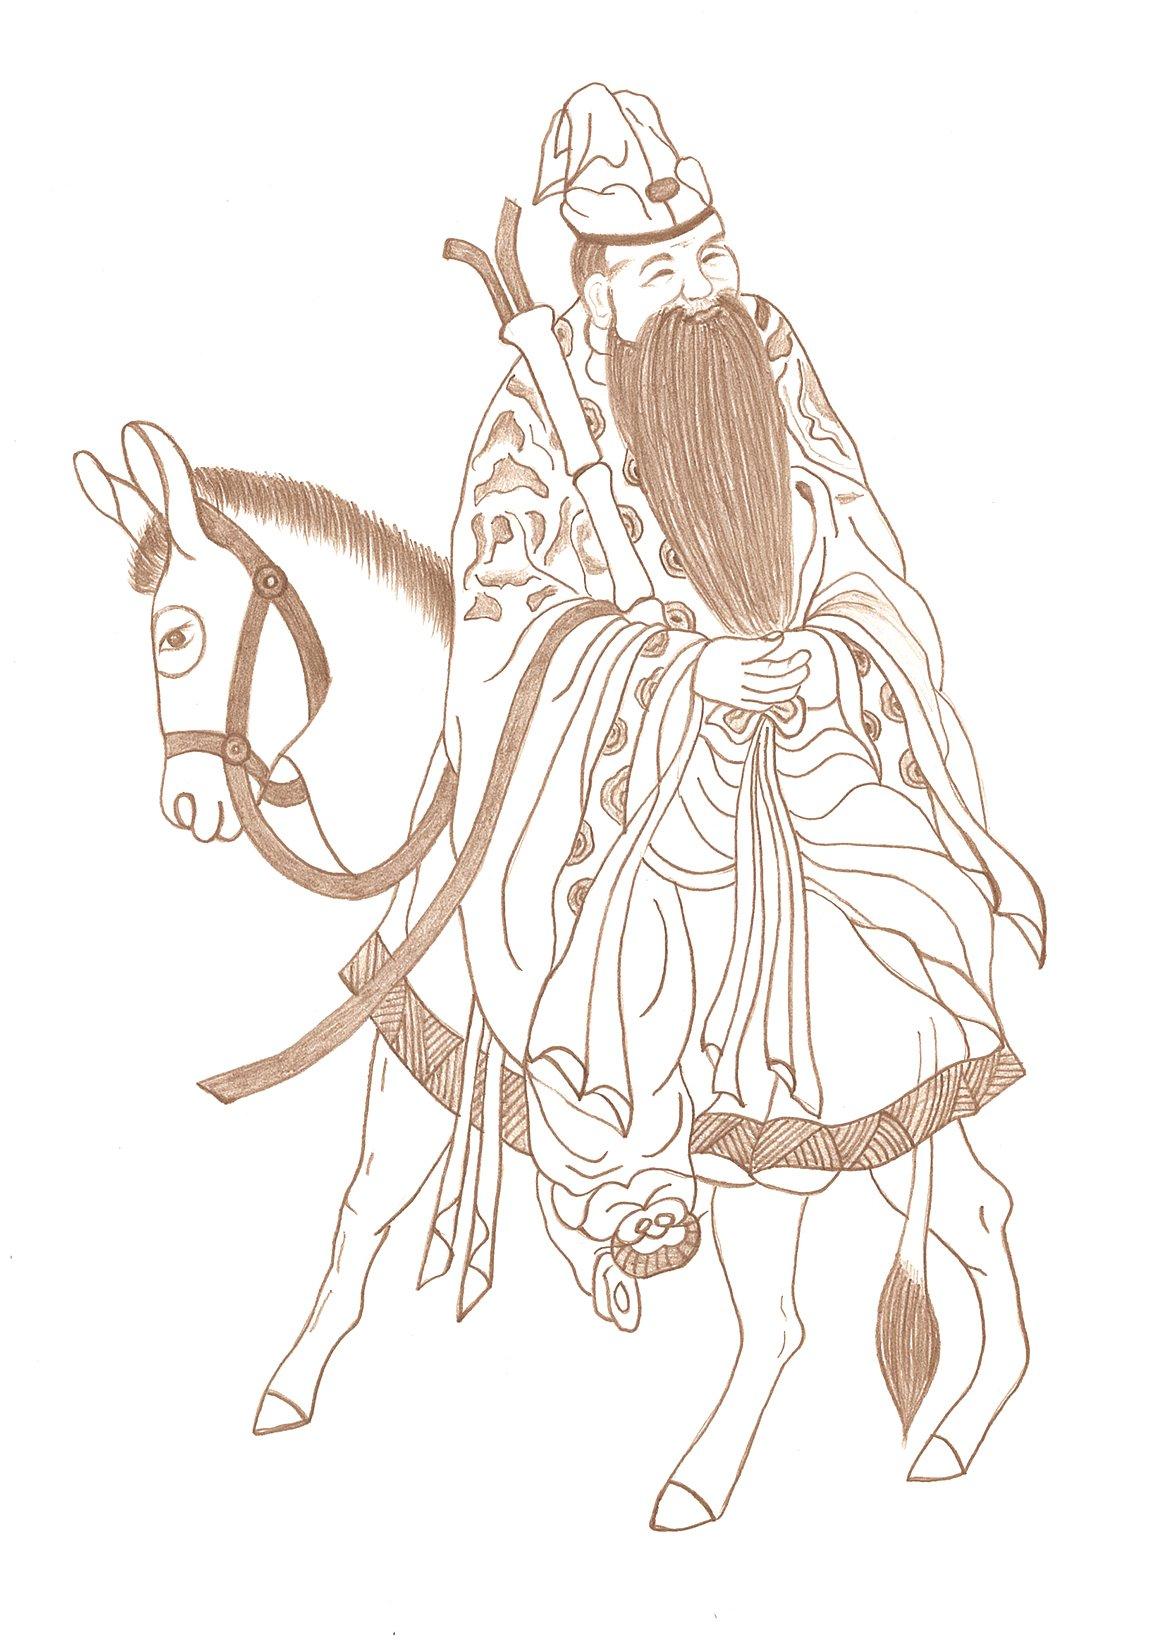 張果老倒騎驢,笑看世間。